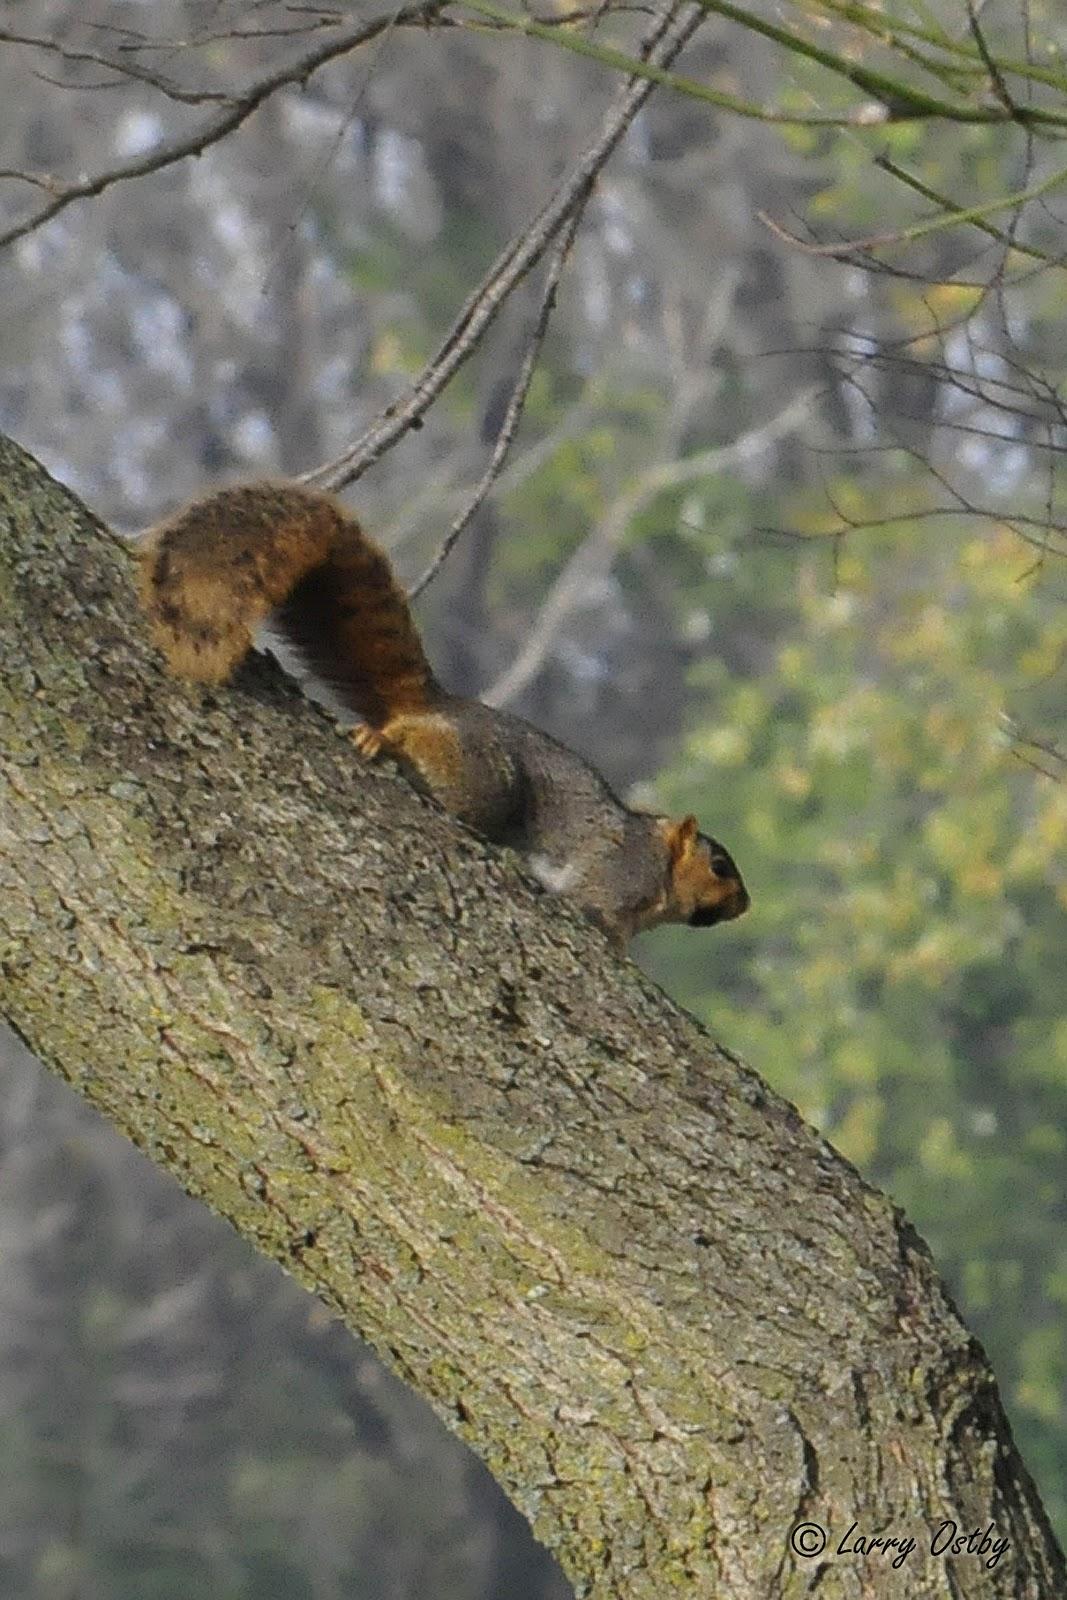 Gray fox squirrel